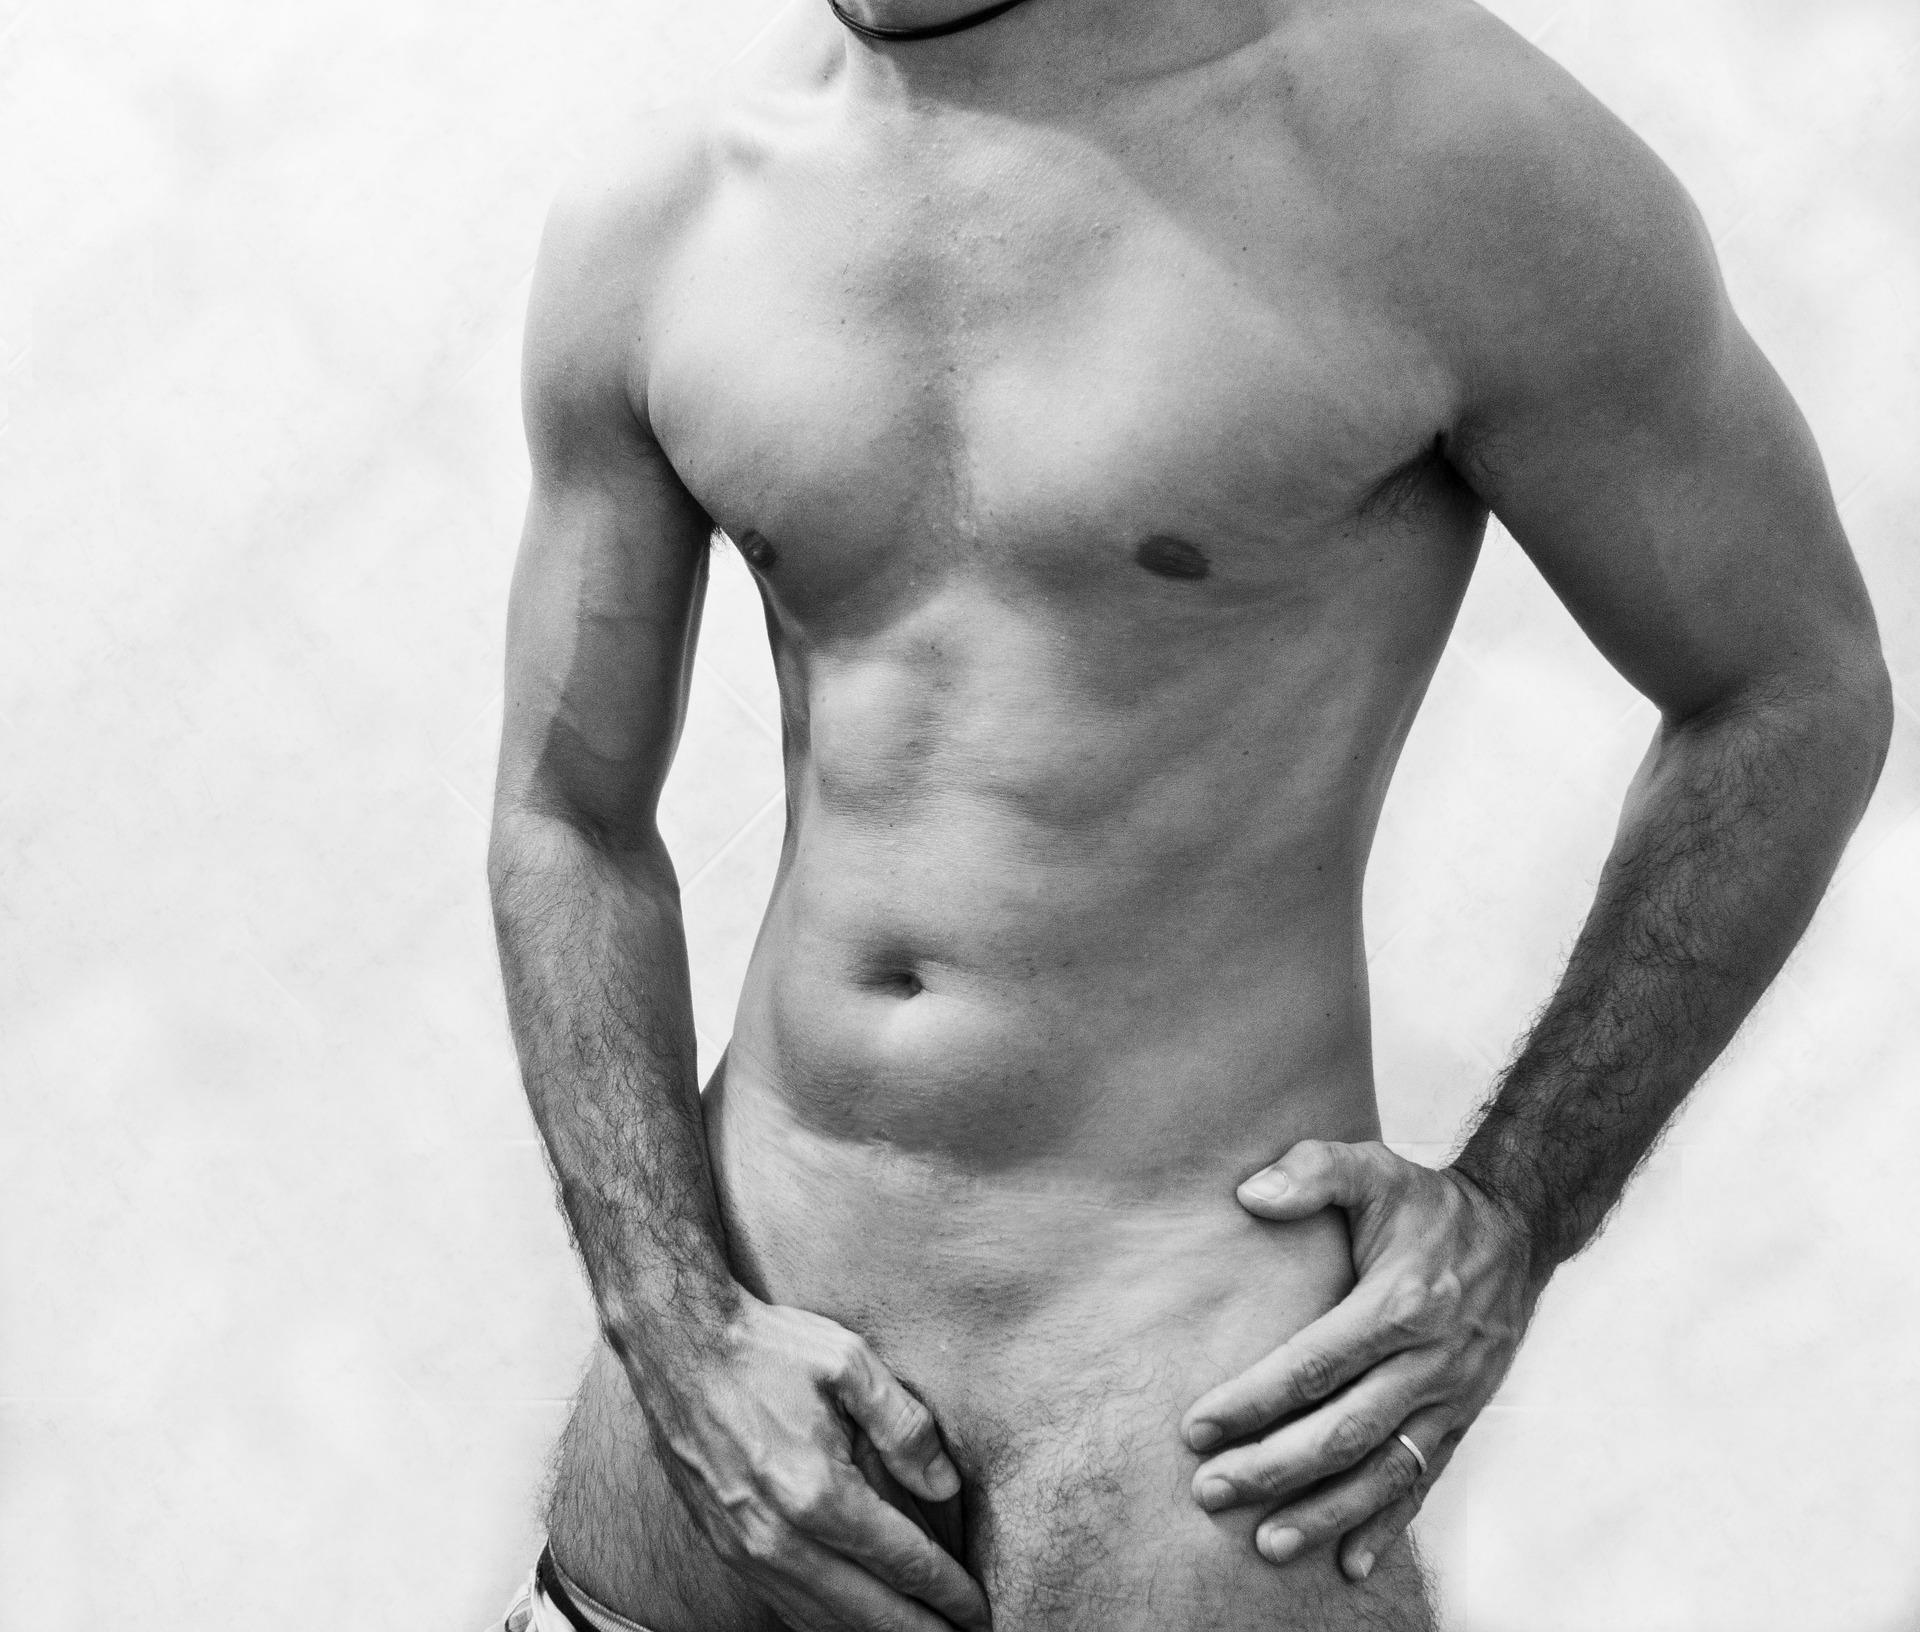 prostata mand